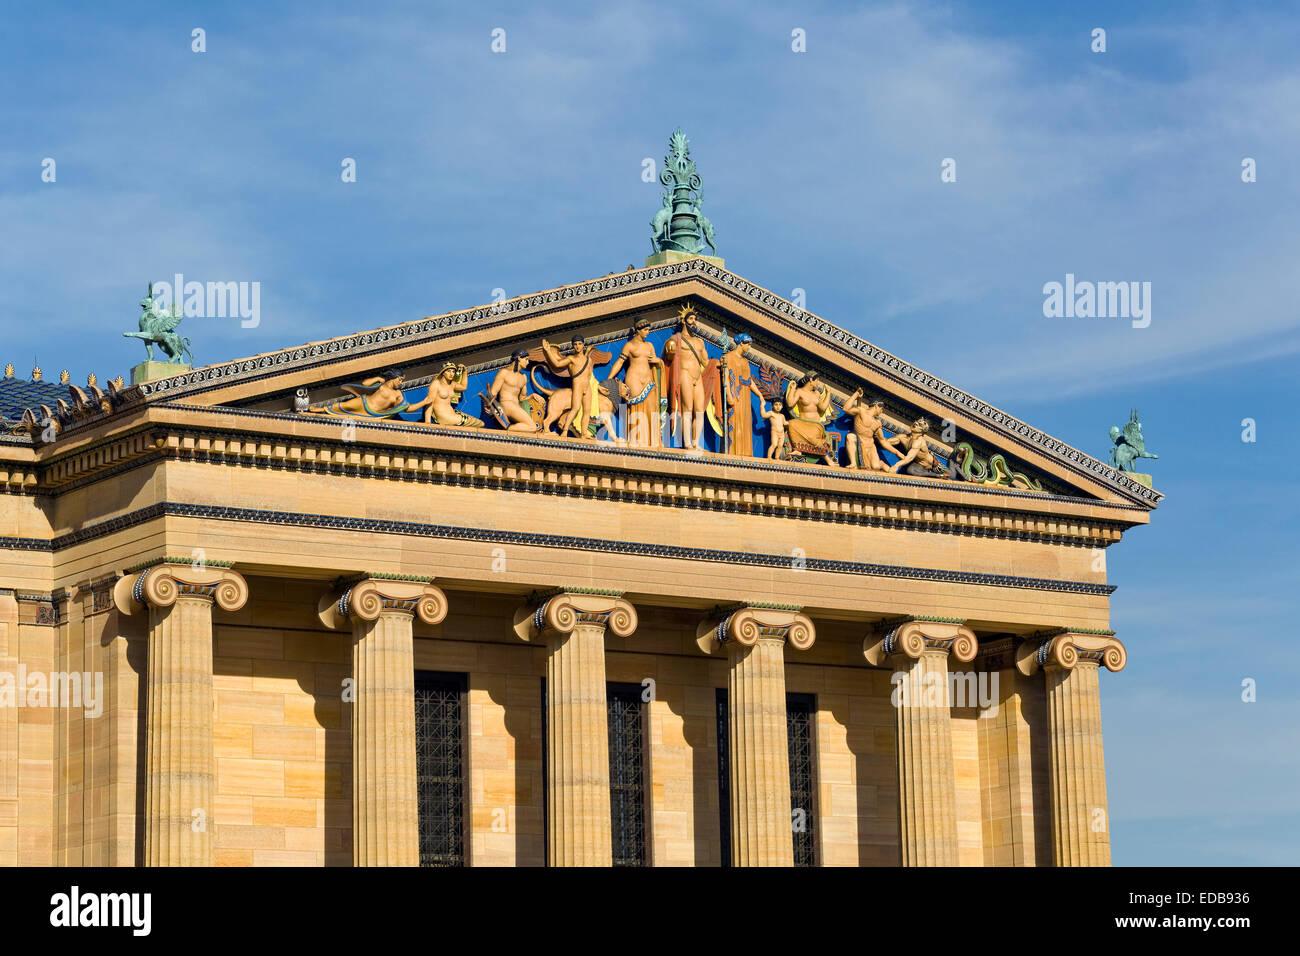 Philadelphia Museum of Art, détail architectural sur l'extérieur du bâtiment, Philadelphie, Pennsylvanie Photo Stock